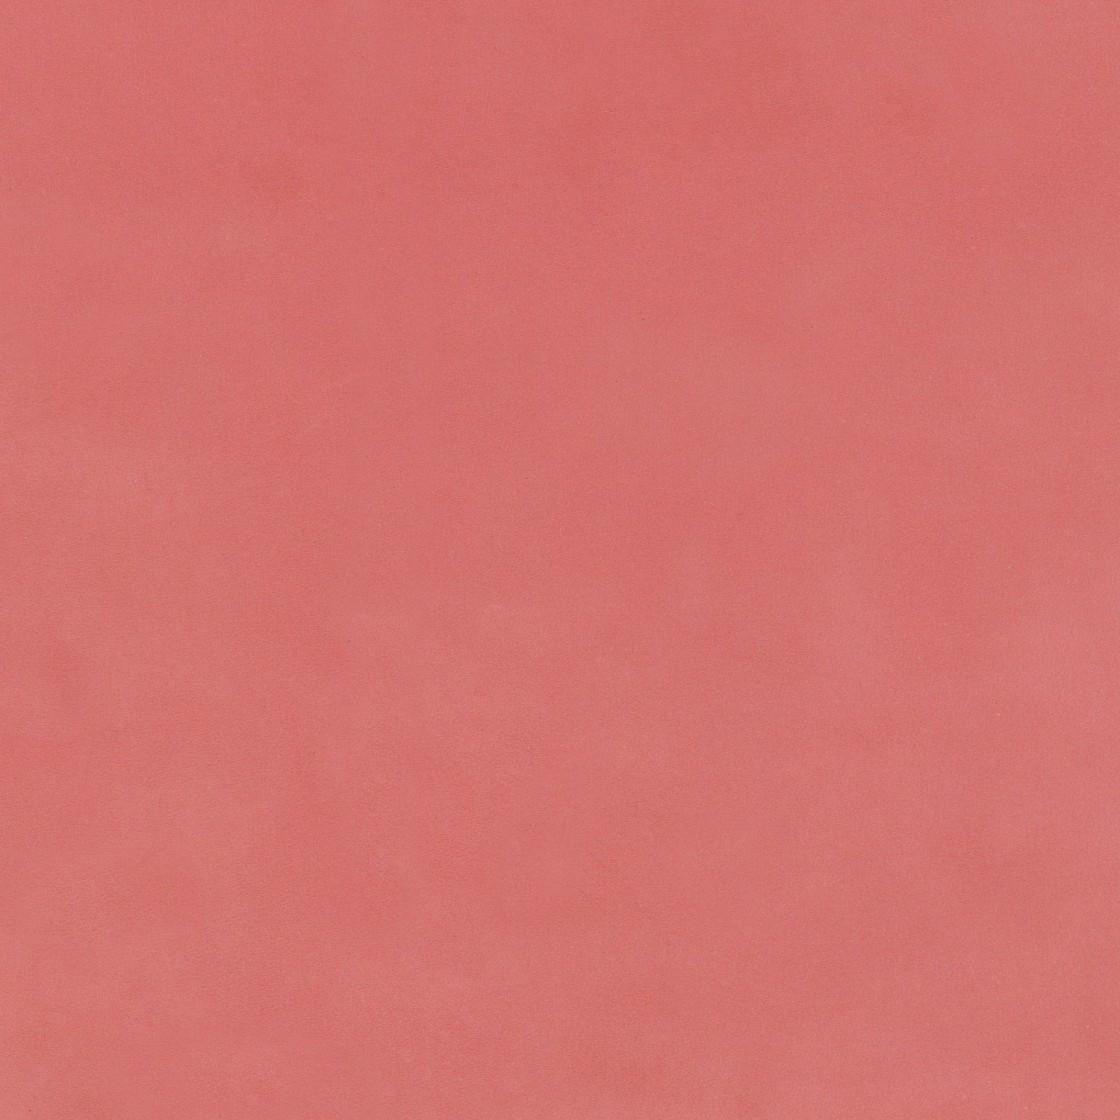 Bucksoft 10/12 - Nubuck, 17 coloris, lisse et perforé